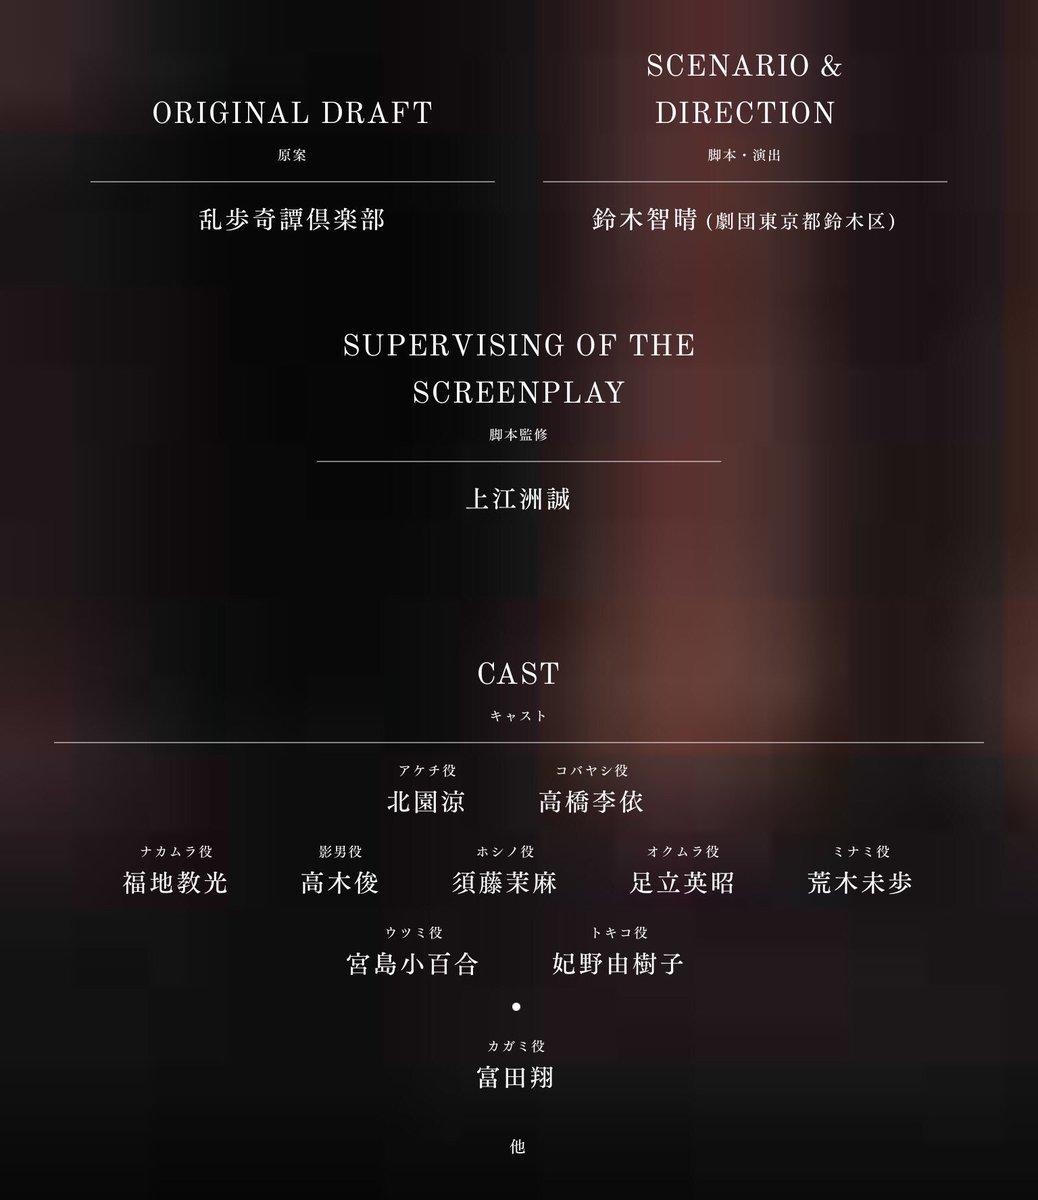 舞台『乱歩奇譚』は、アニメ原作のエピソードにオフィシャルの漫画版・小説版の設定も盛り込んだ上で、上江洲誠さんの監修のもと